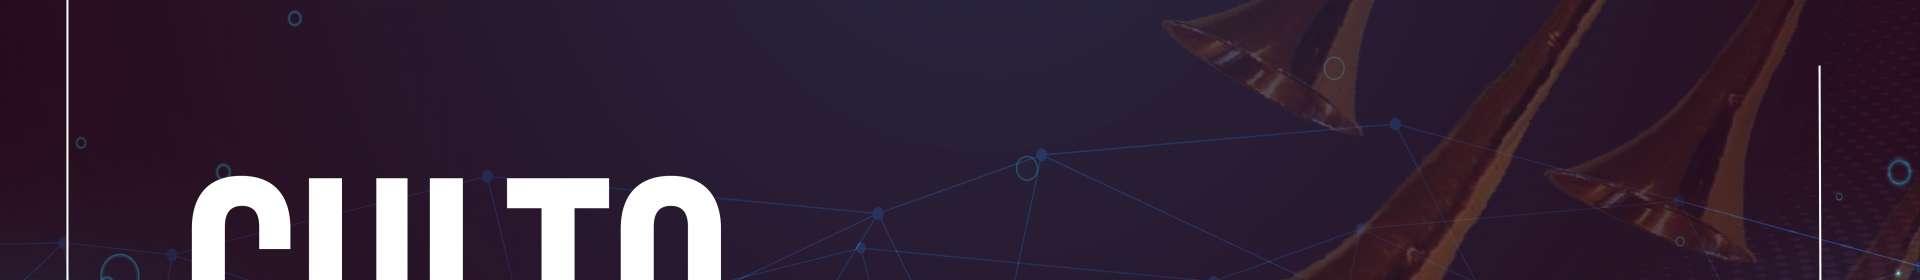 Culto via satélite exibido em 19/03/2020